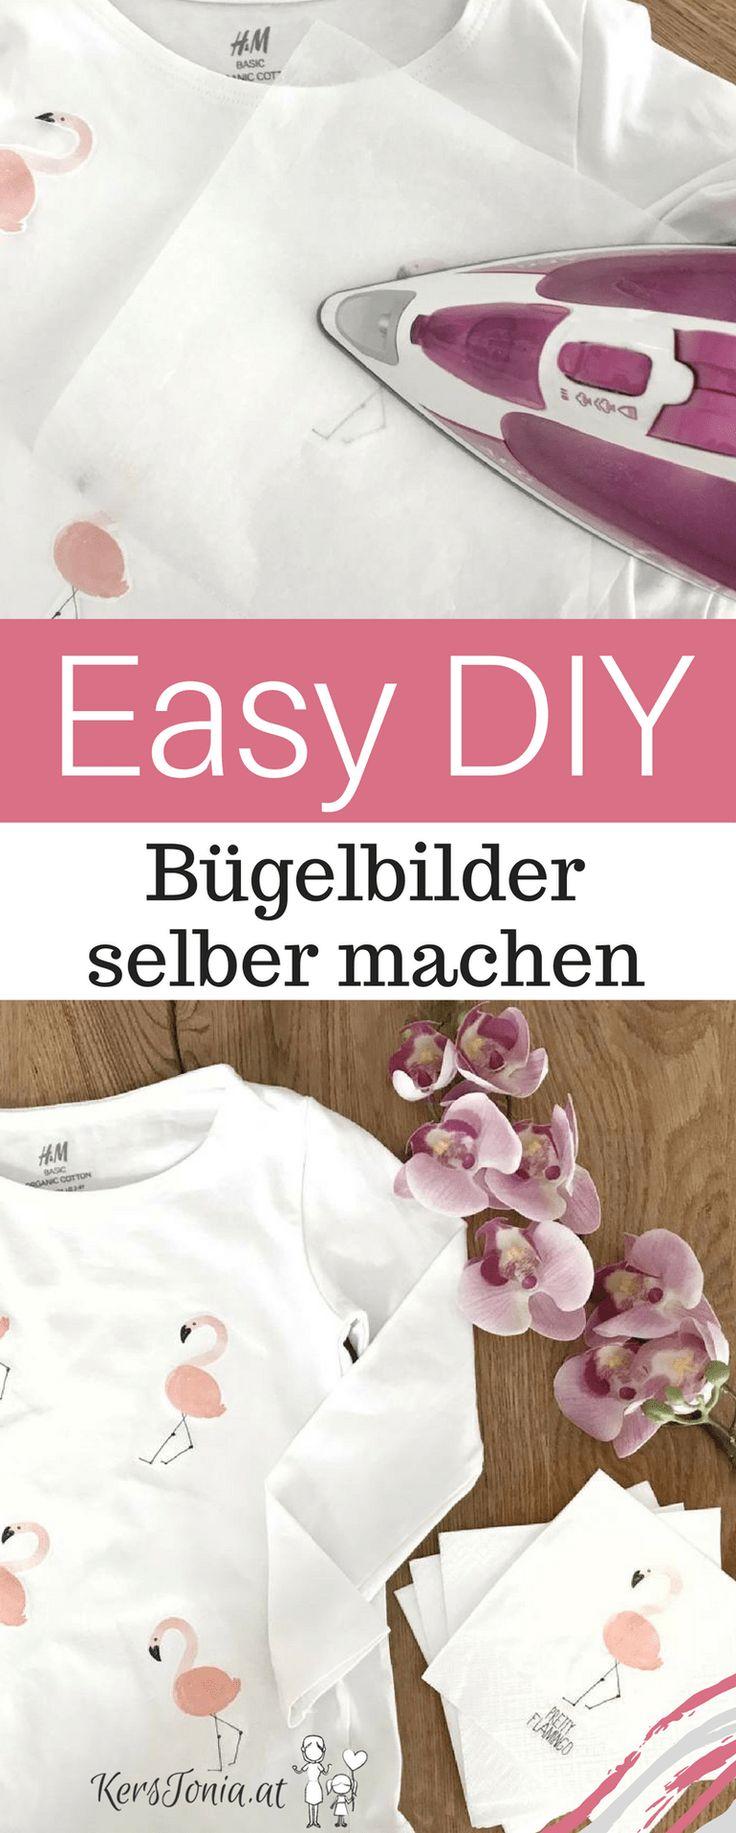 Einfache DIY - Flamingo Bügelbilder ganz leicht selbst gemacht - günstig einfach schnell. Upcycling das Spaß macht!